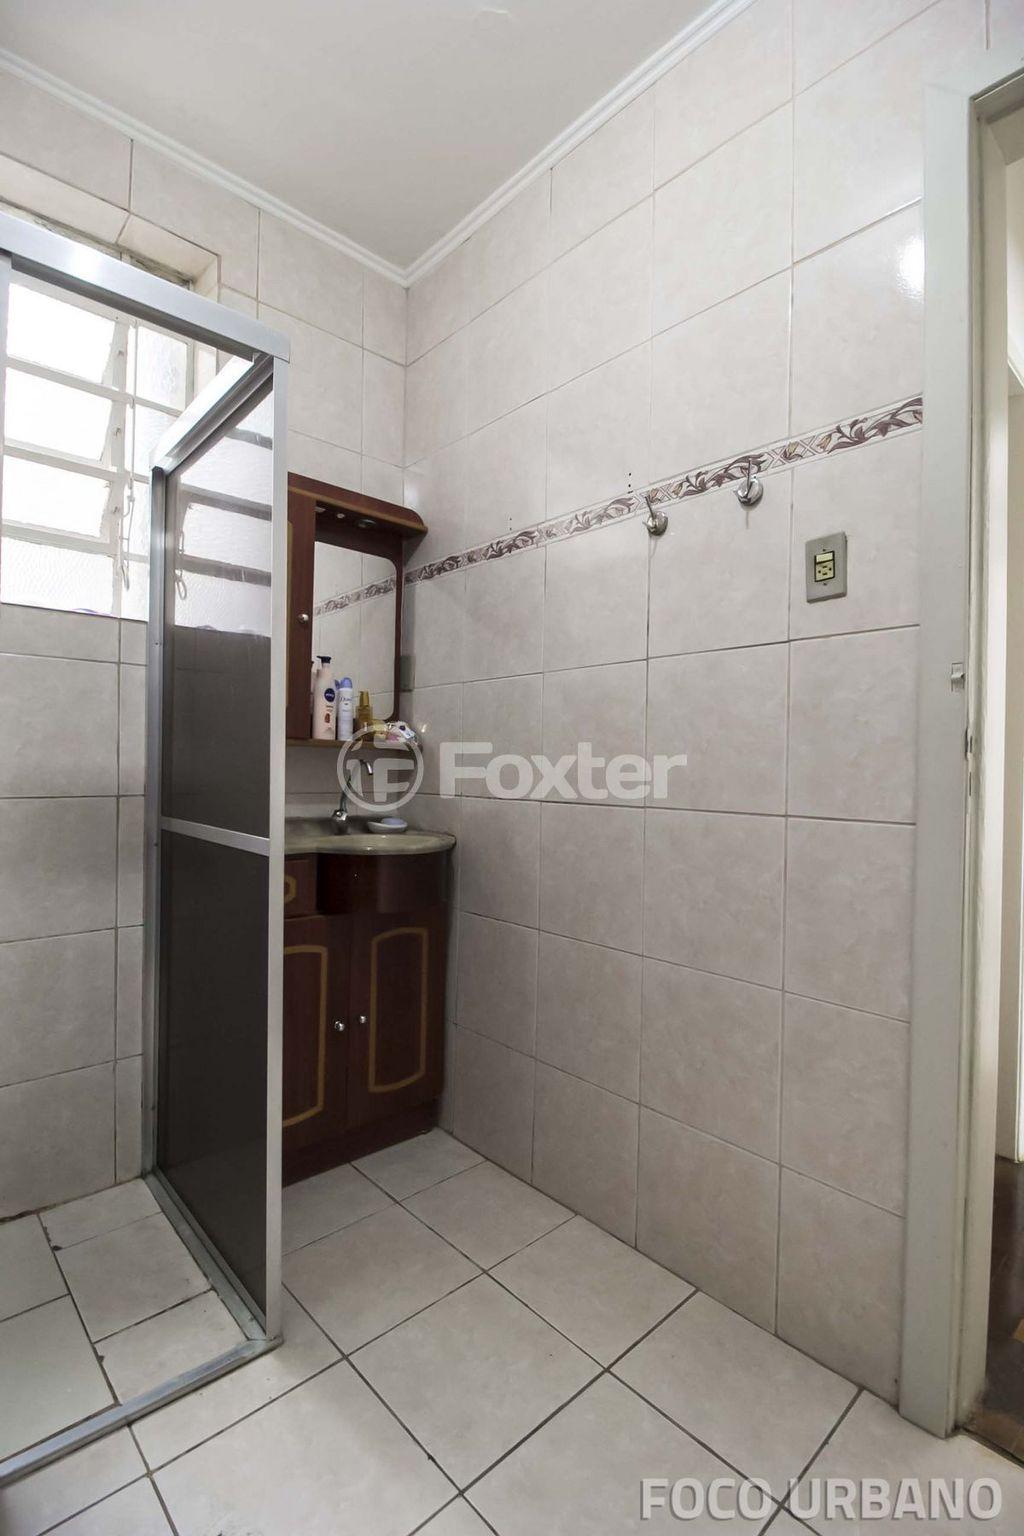 Apto 2 Dorm, Rio Branco, Porto Alegre (141172) - Foto 9